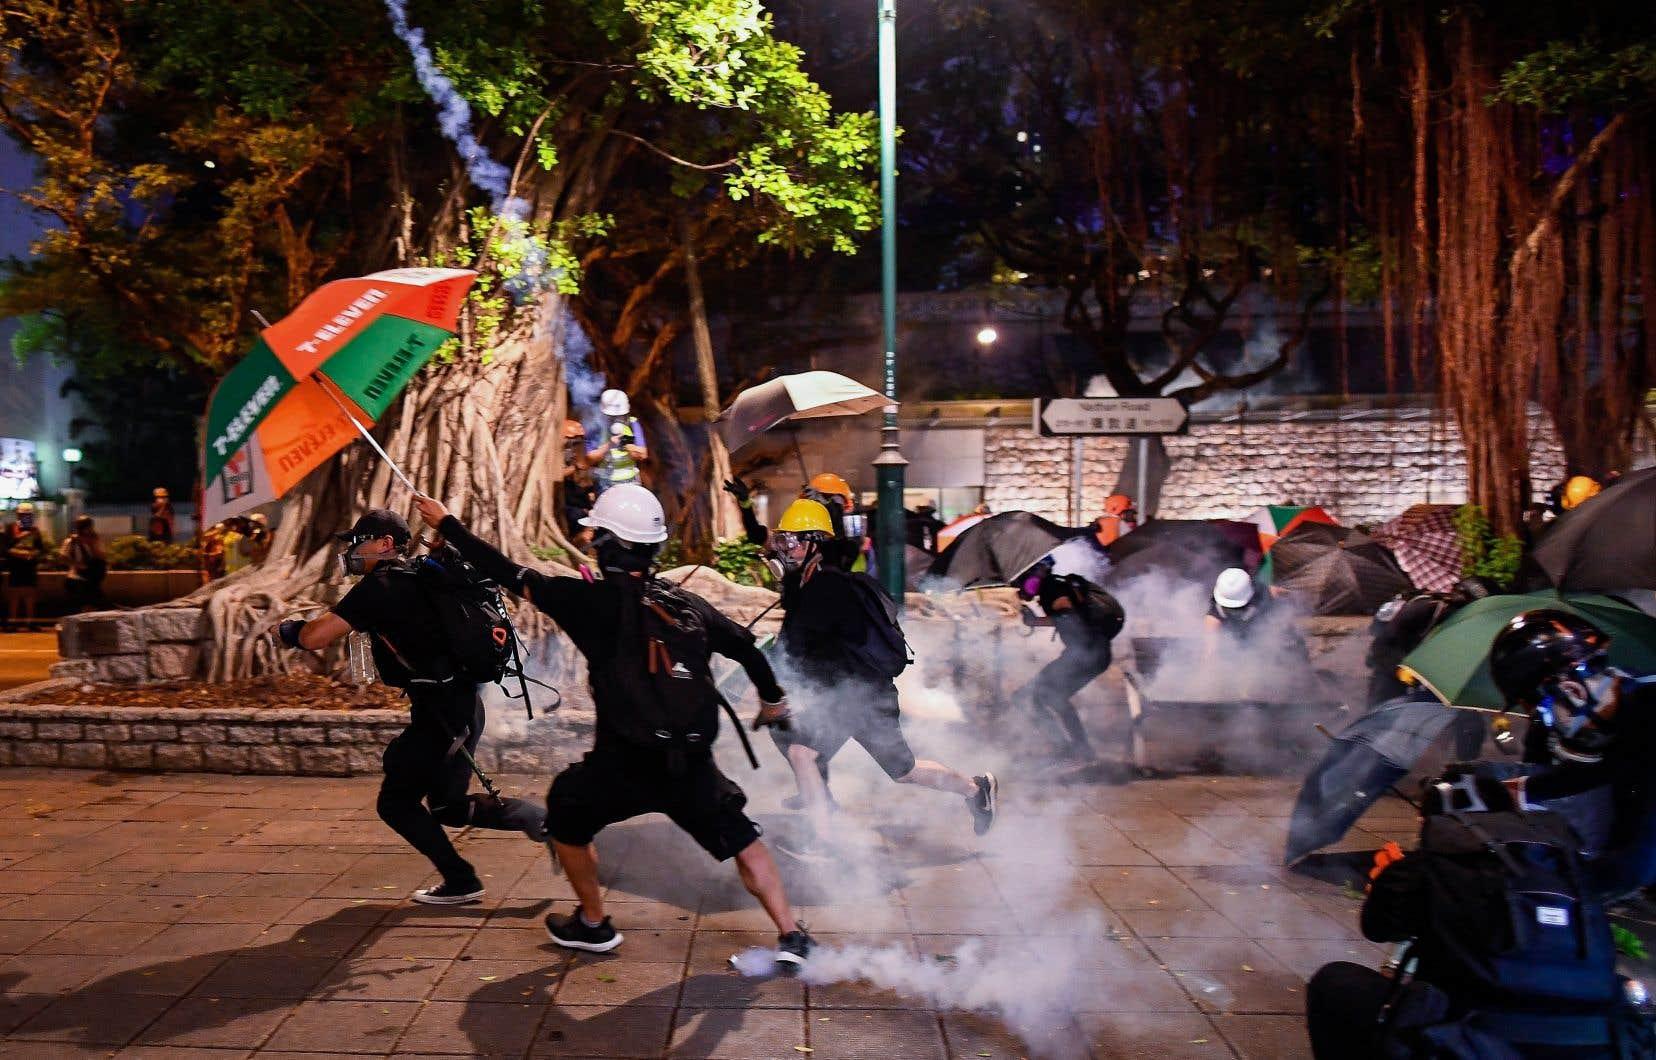 Les forces de l'ordre ont neutralisé des manifestants près du poste de police de Tsim Sha Tsui, à Hong Kong.